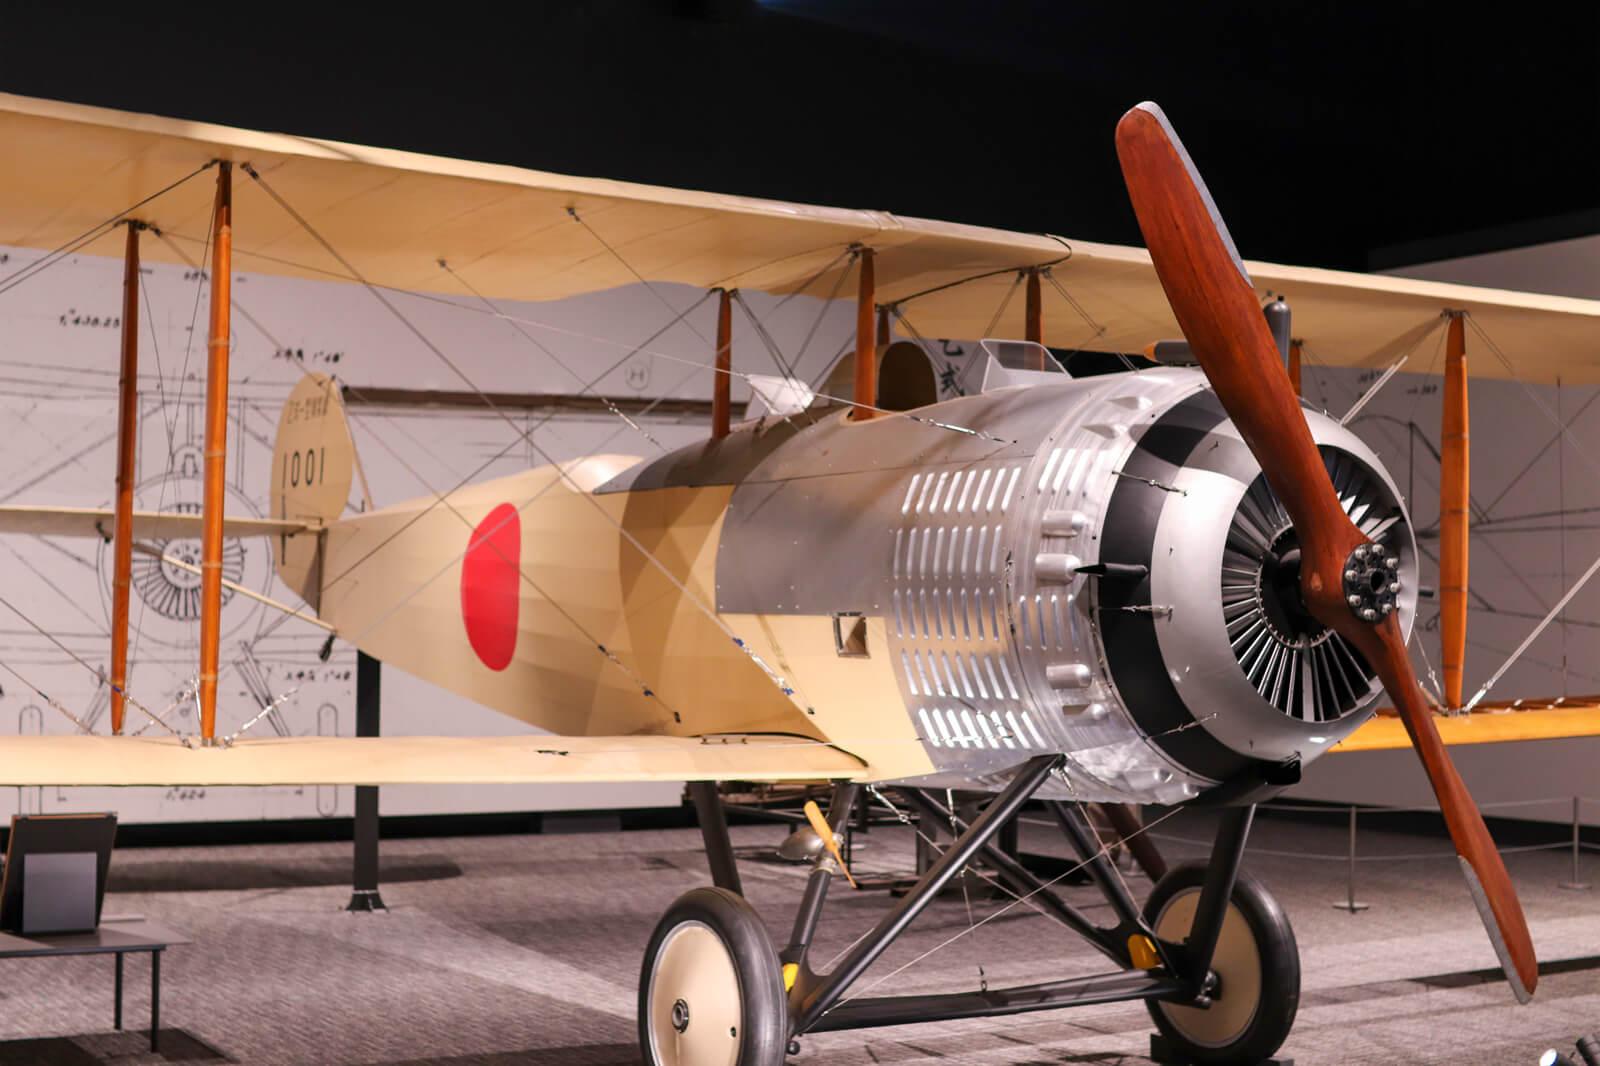 乙式一型偵察機(サルムソン2A2)の1/1模型